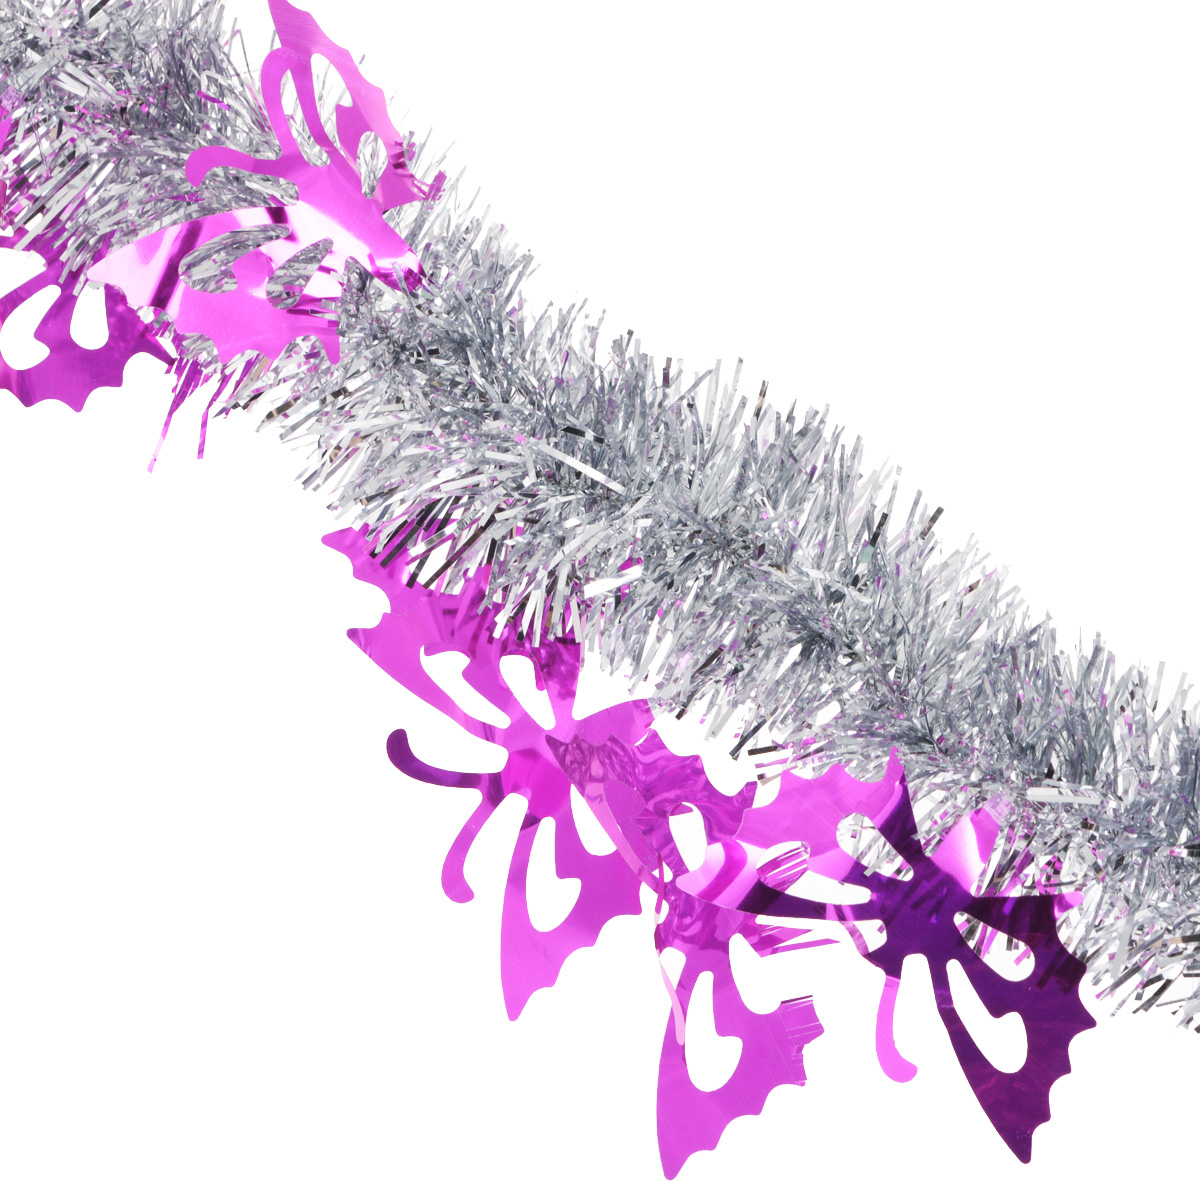 Мишура новогодняя Sima-land, цвет: серебристый, фиолетовый, диаметр 5 см, длина 200 см35018Мишура новогодняя Sima-land, выполненная из двухцветной фольги, поможет вам украсить свой дом кпредстоящим праздникам. Мишура армирована, то есть имеет проволоку внутри и способна сохранять приданнуюей форму. Новогодняя елка с таким украшением станет еще наряднее. Новогодней мишурой можно украсить все, что угодно - елку, квартиру, дачу, офис - как внутри, так и снаружи.Можно сложить новогодние поздравления, буквы и цифры, мишурой можно украсить и дополнить гирлянды, можновыделить дверные колонны, оплести дверные проемы. Мишура принесет в ваш дом ни с чем несравнимое ощущение праздника! Создайте в своем доме атмосферу тепла,веселья и радости, украшая его всей семьей.